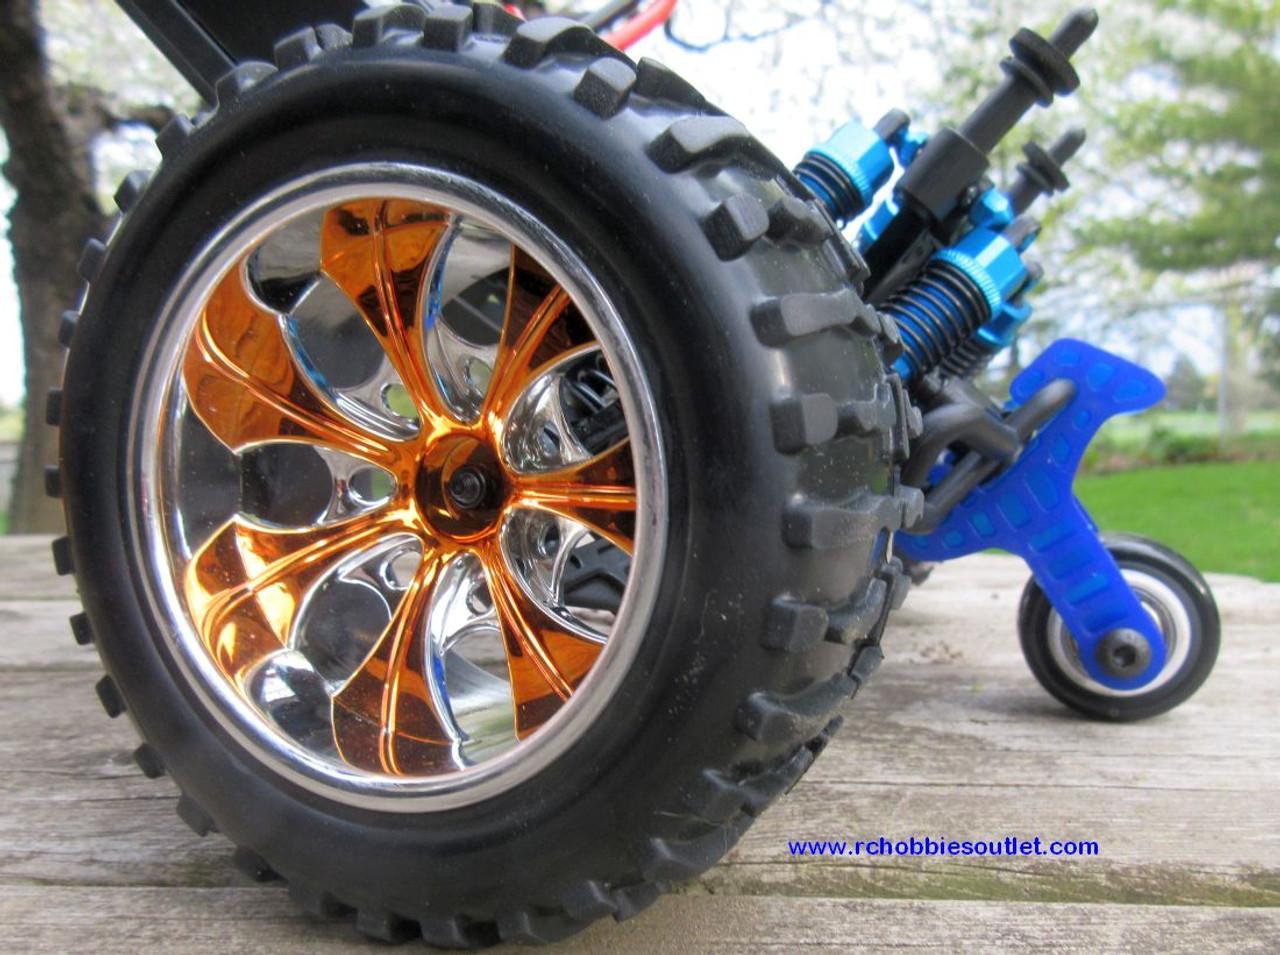 Wheelie Bar for 1/10 Scale HSP Monster Trucks, Redcat Volcano, etc.